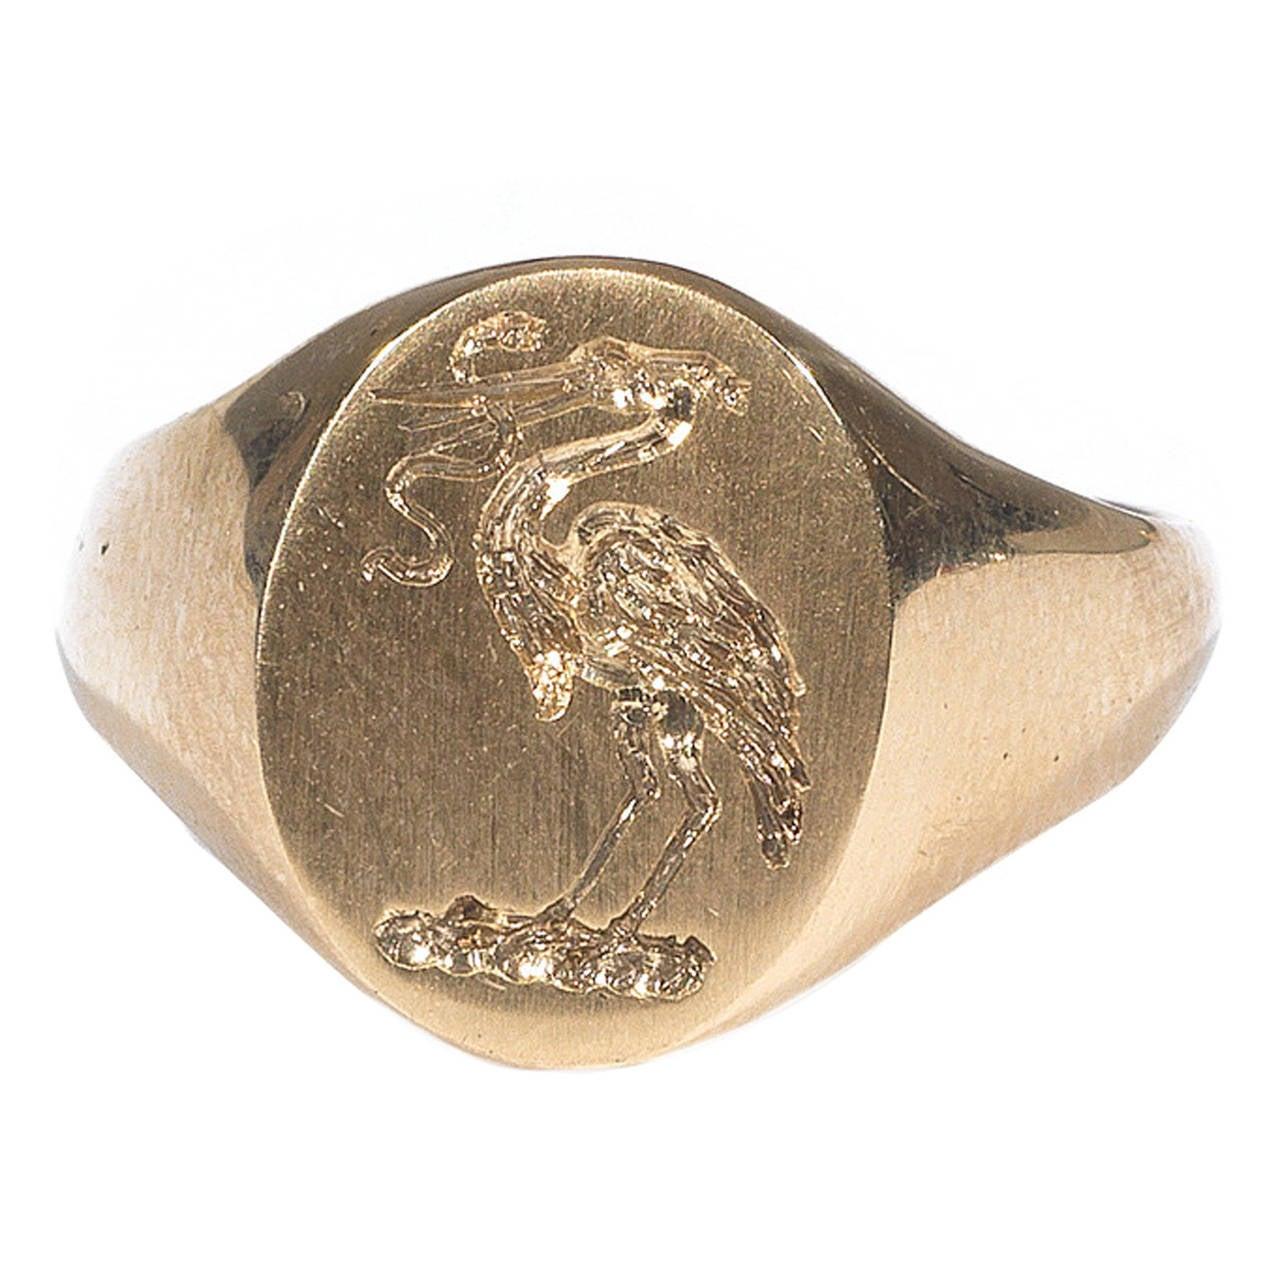 Gold Signet Stork and Snake Ring 1